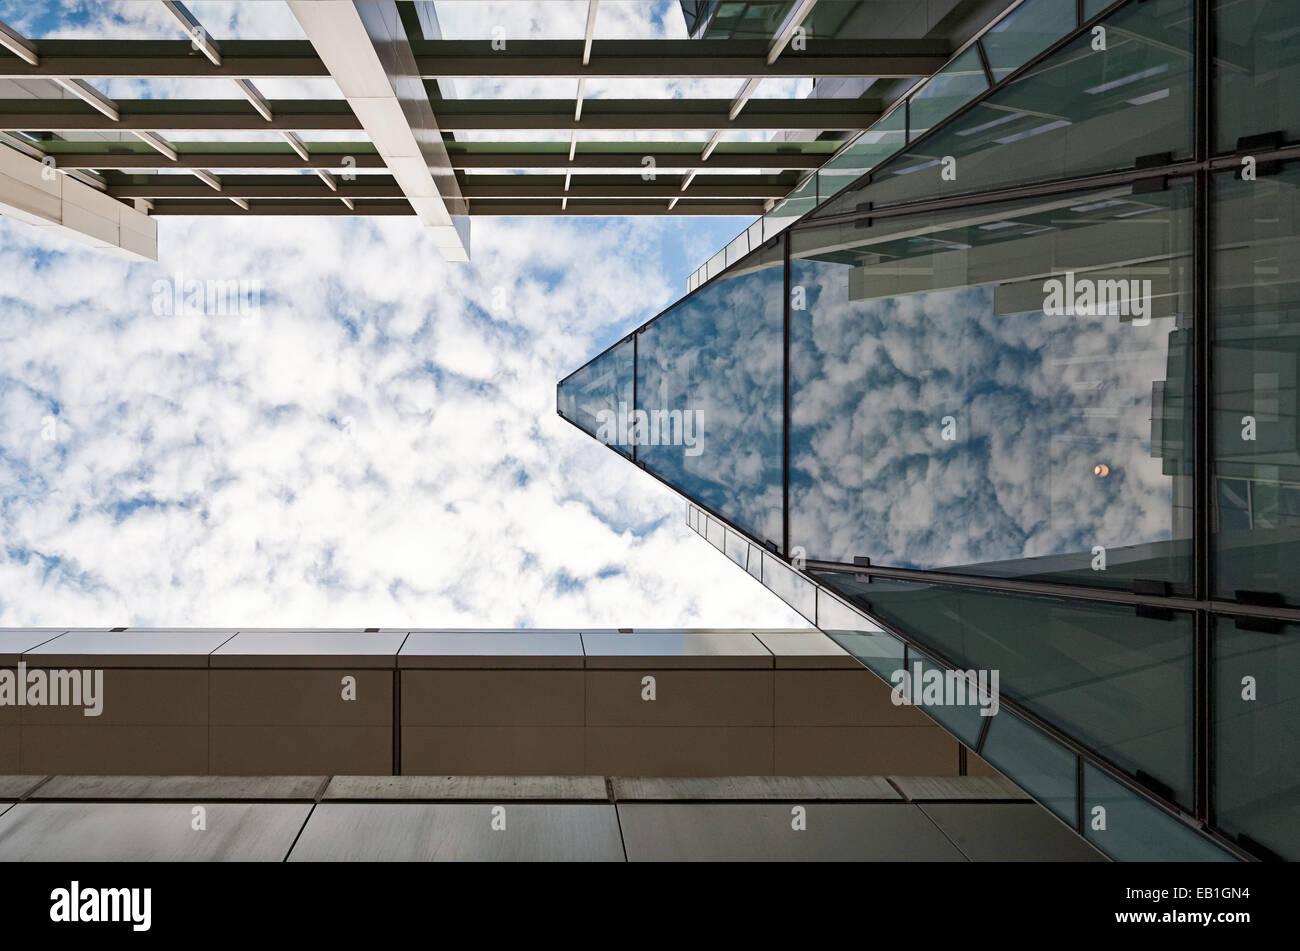 Détail architectural à l'aéroport de Boston. Photo Stock